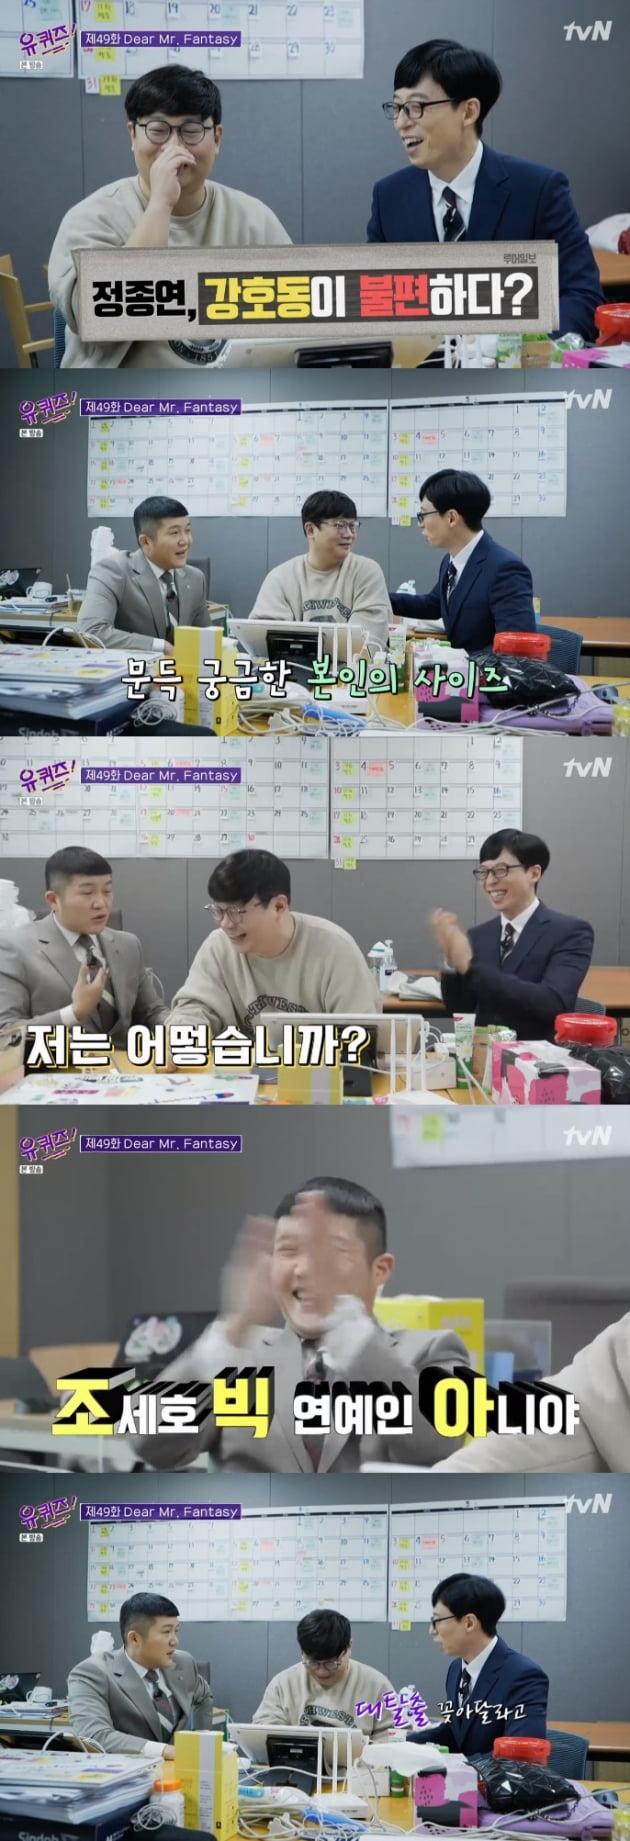 '유퀴즈온더블럭' 정종연 PD / 사진 = tvN 영상 캡처